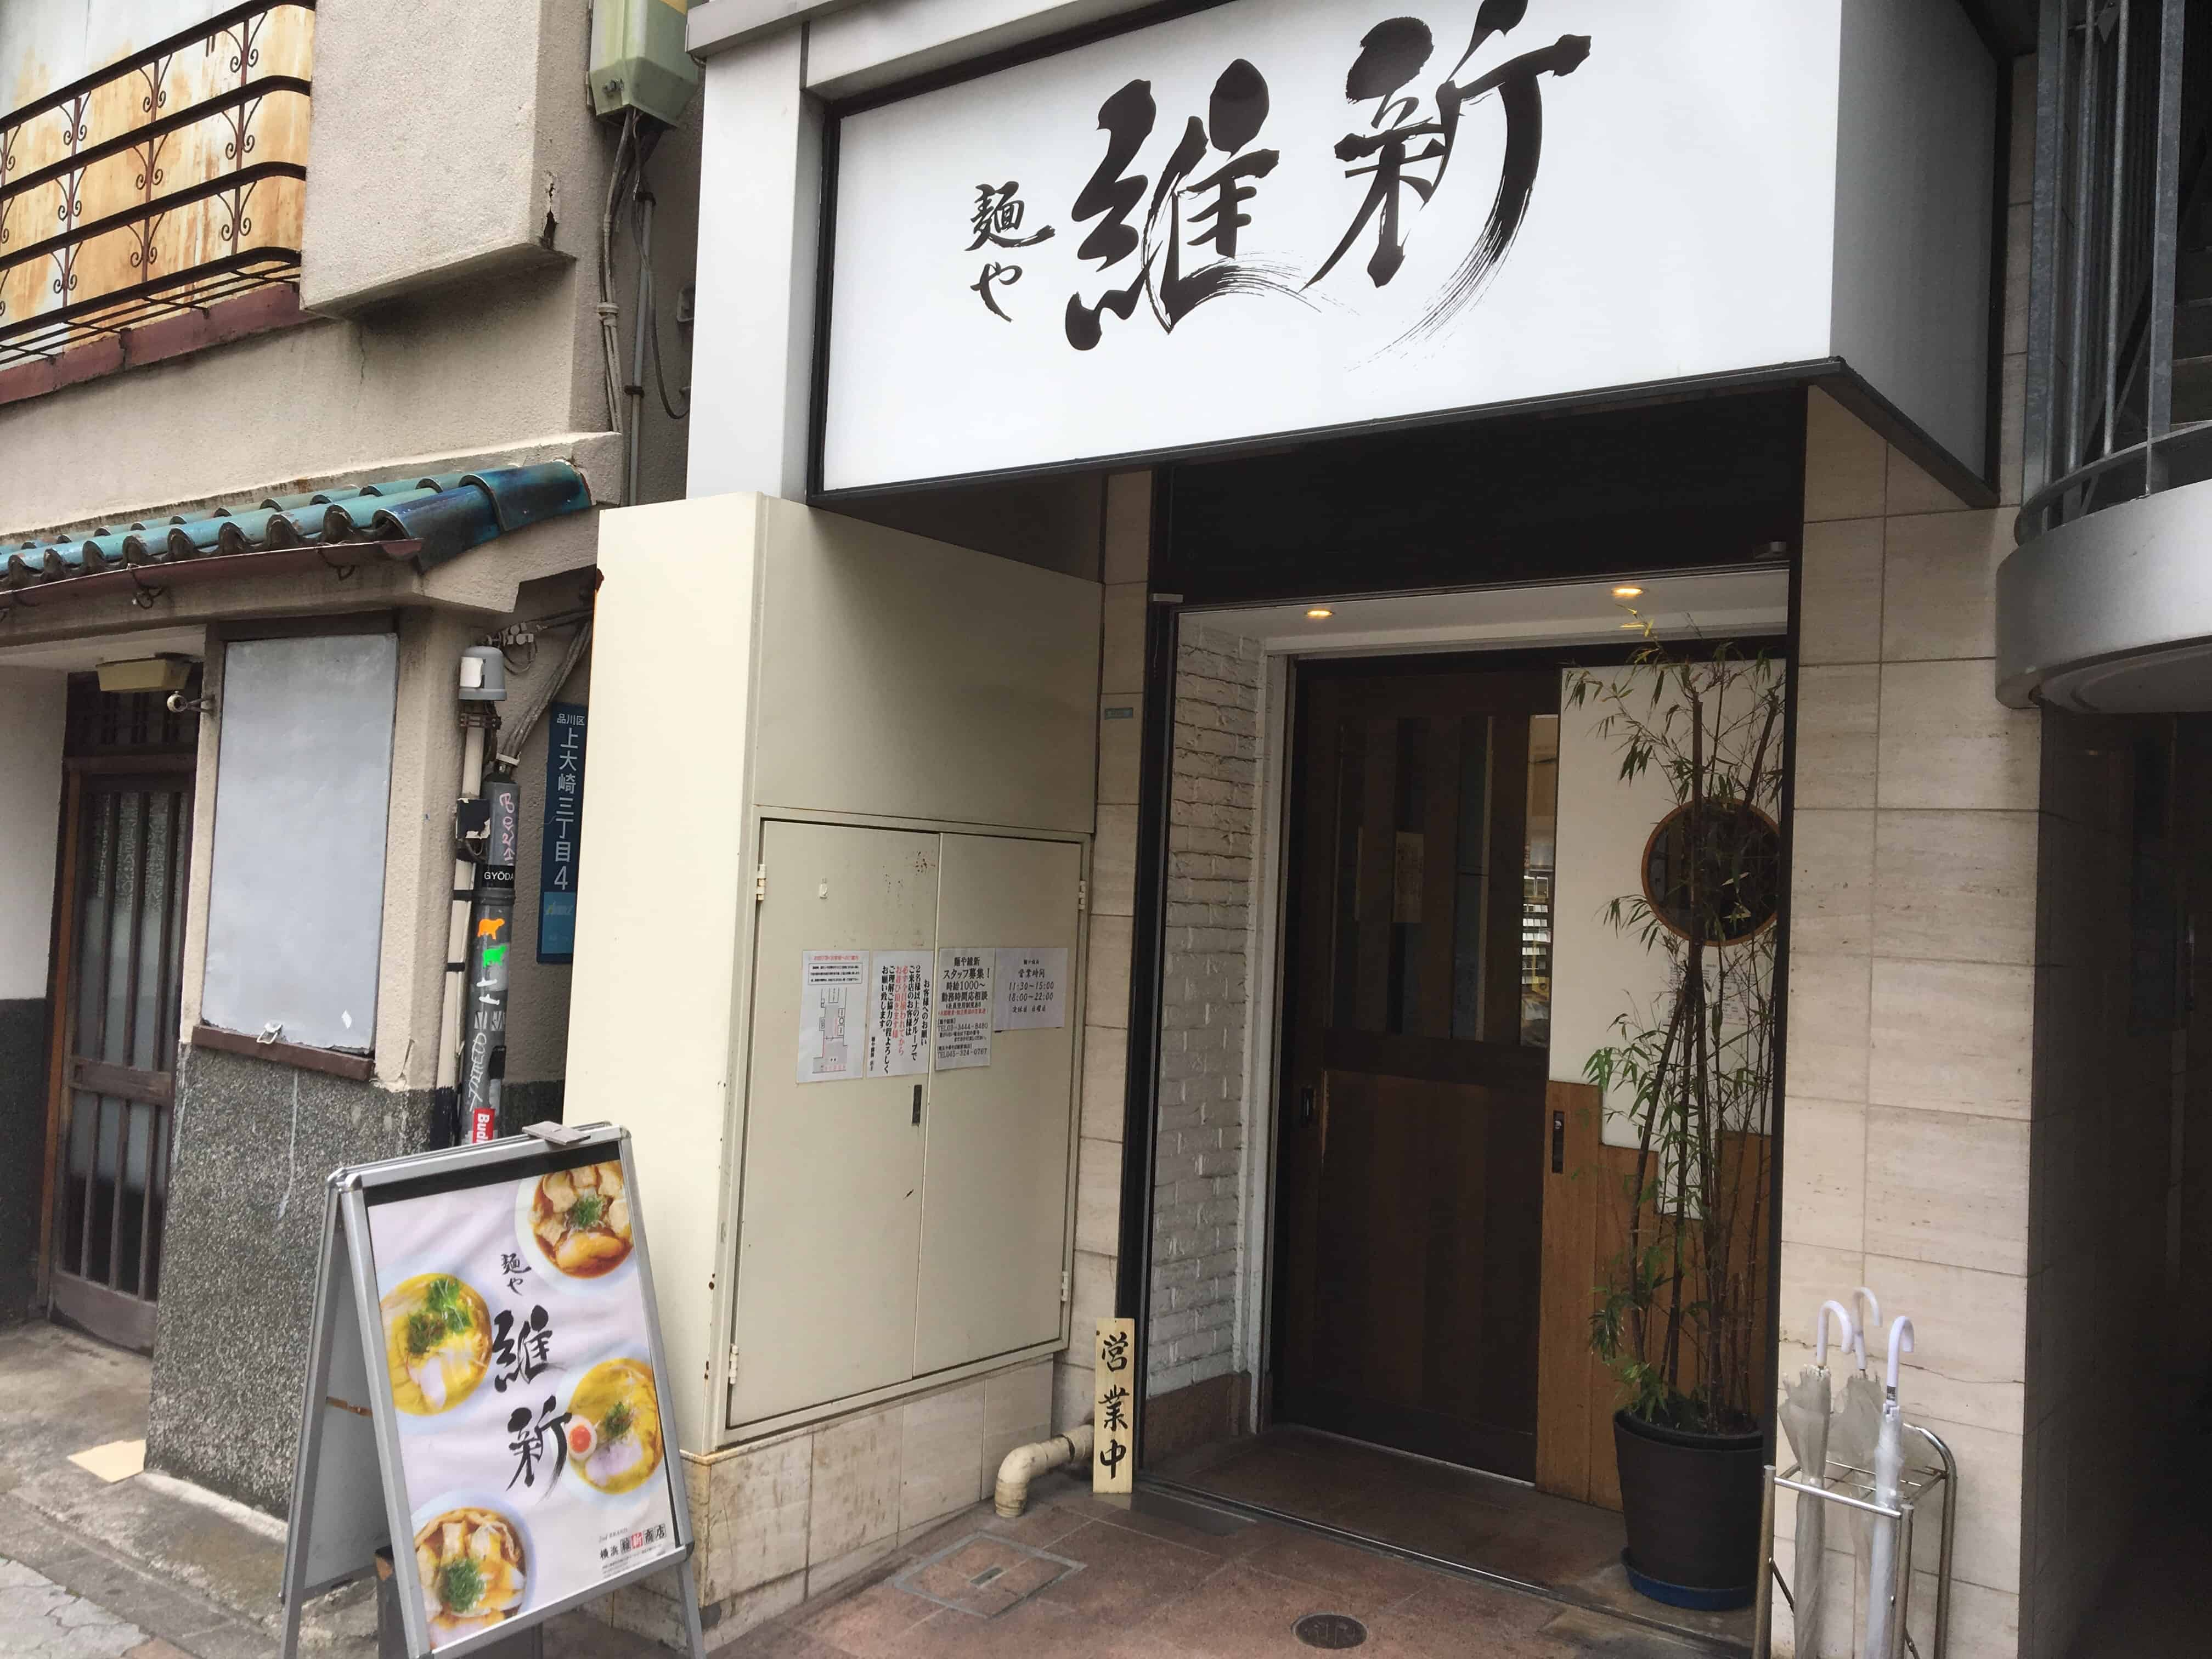 ร้านอาหาร มิชลิน ที่ โตเกียว - 麺や 維新 , MEGURO